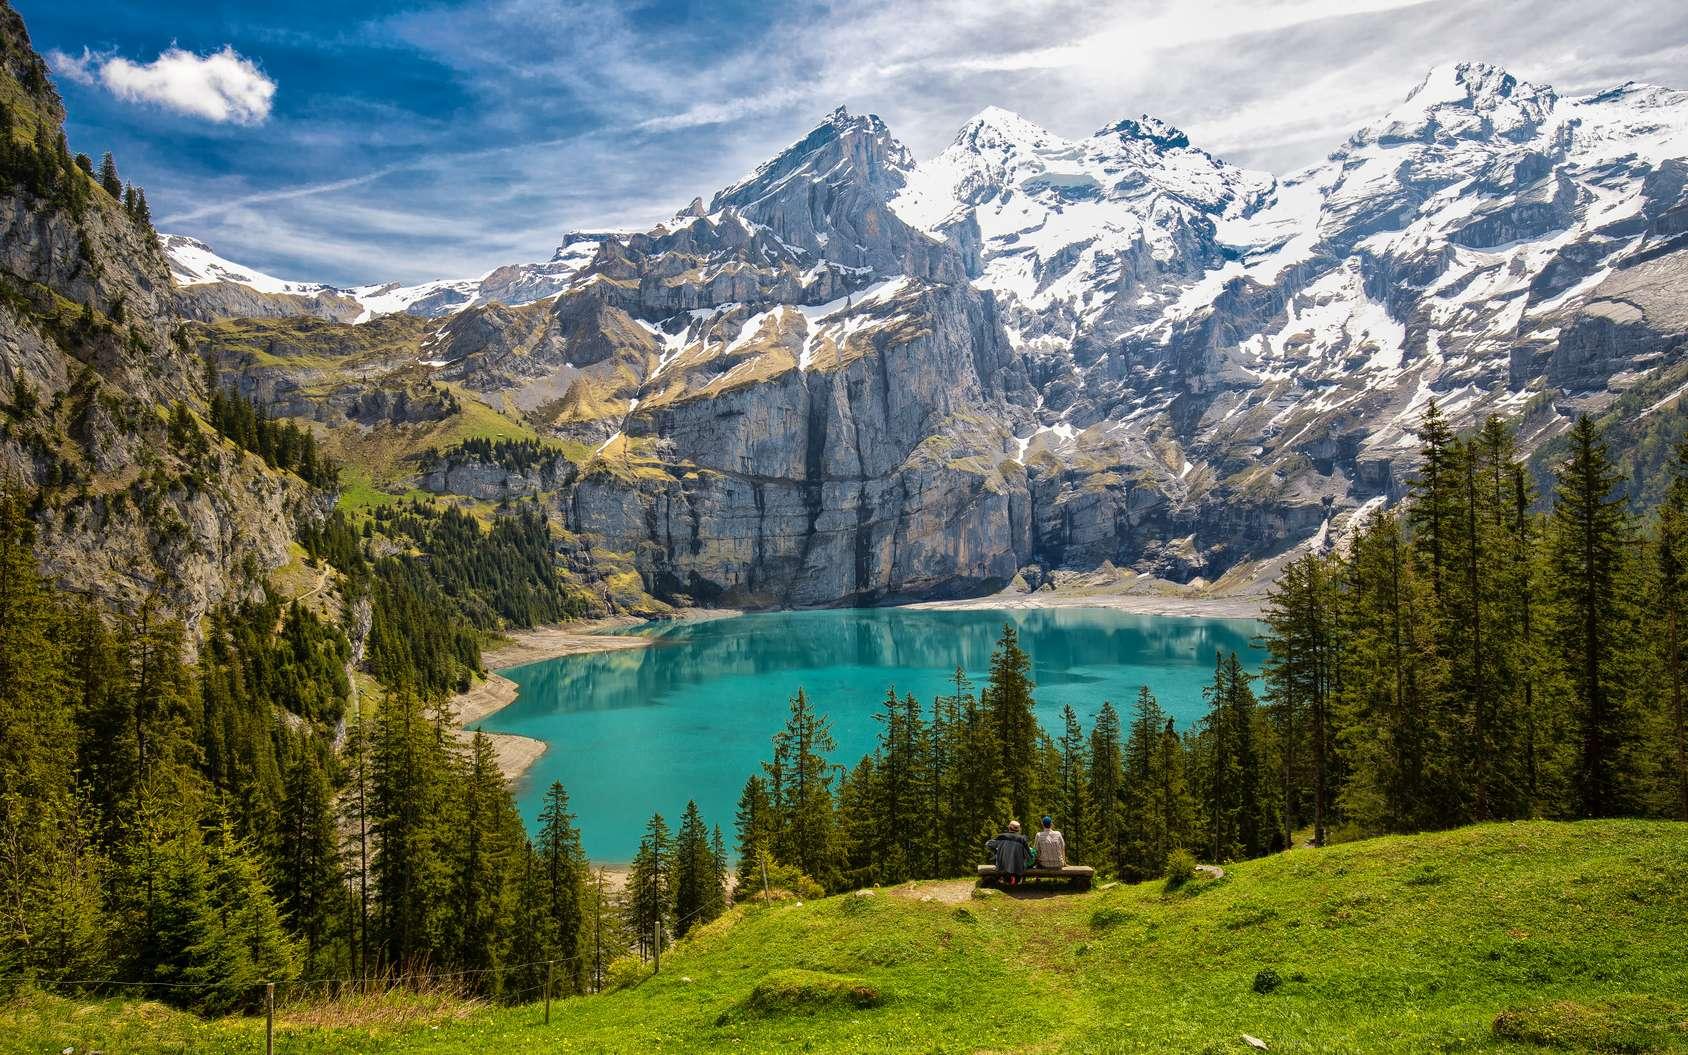 Quelles randonnées faire en Suisse ? Ici, paysage de l'Oberland bernois, en Suisse. © gevisions, Fotolia